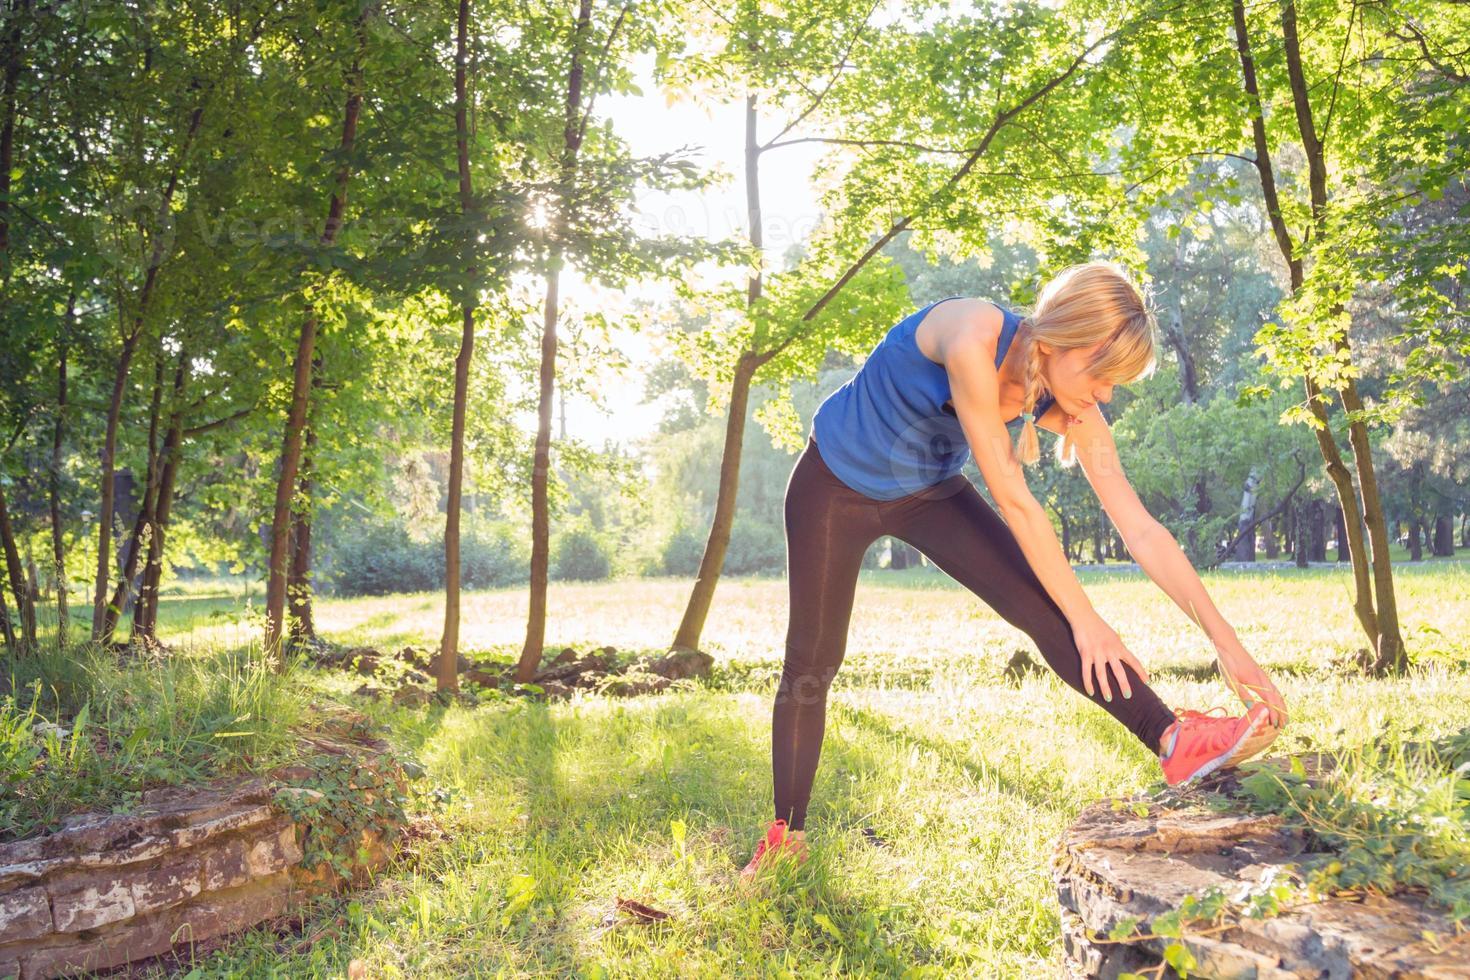 rekken na het sporten / joggen in het park. foto